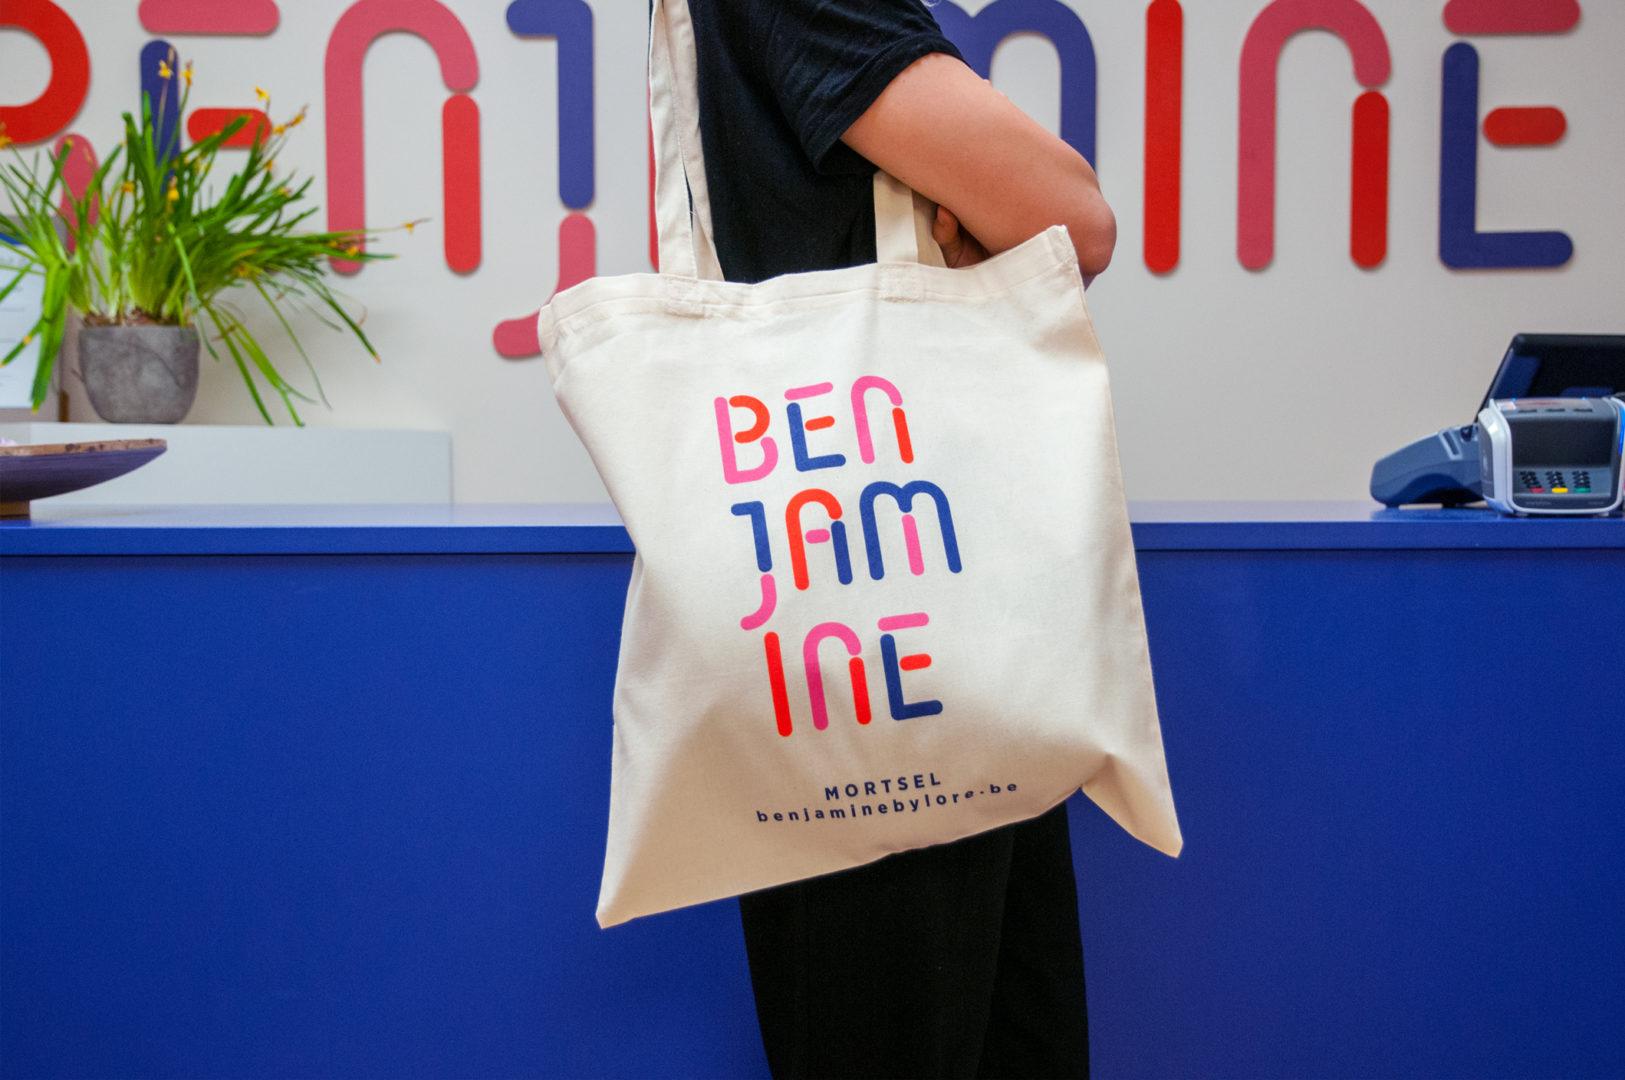 Benjamine tote bag